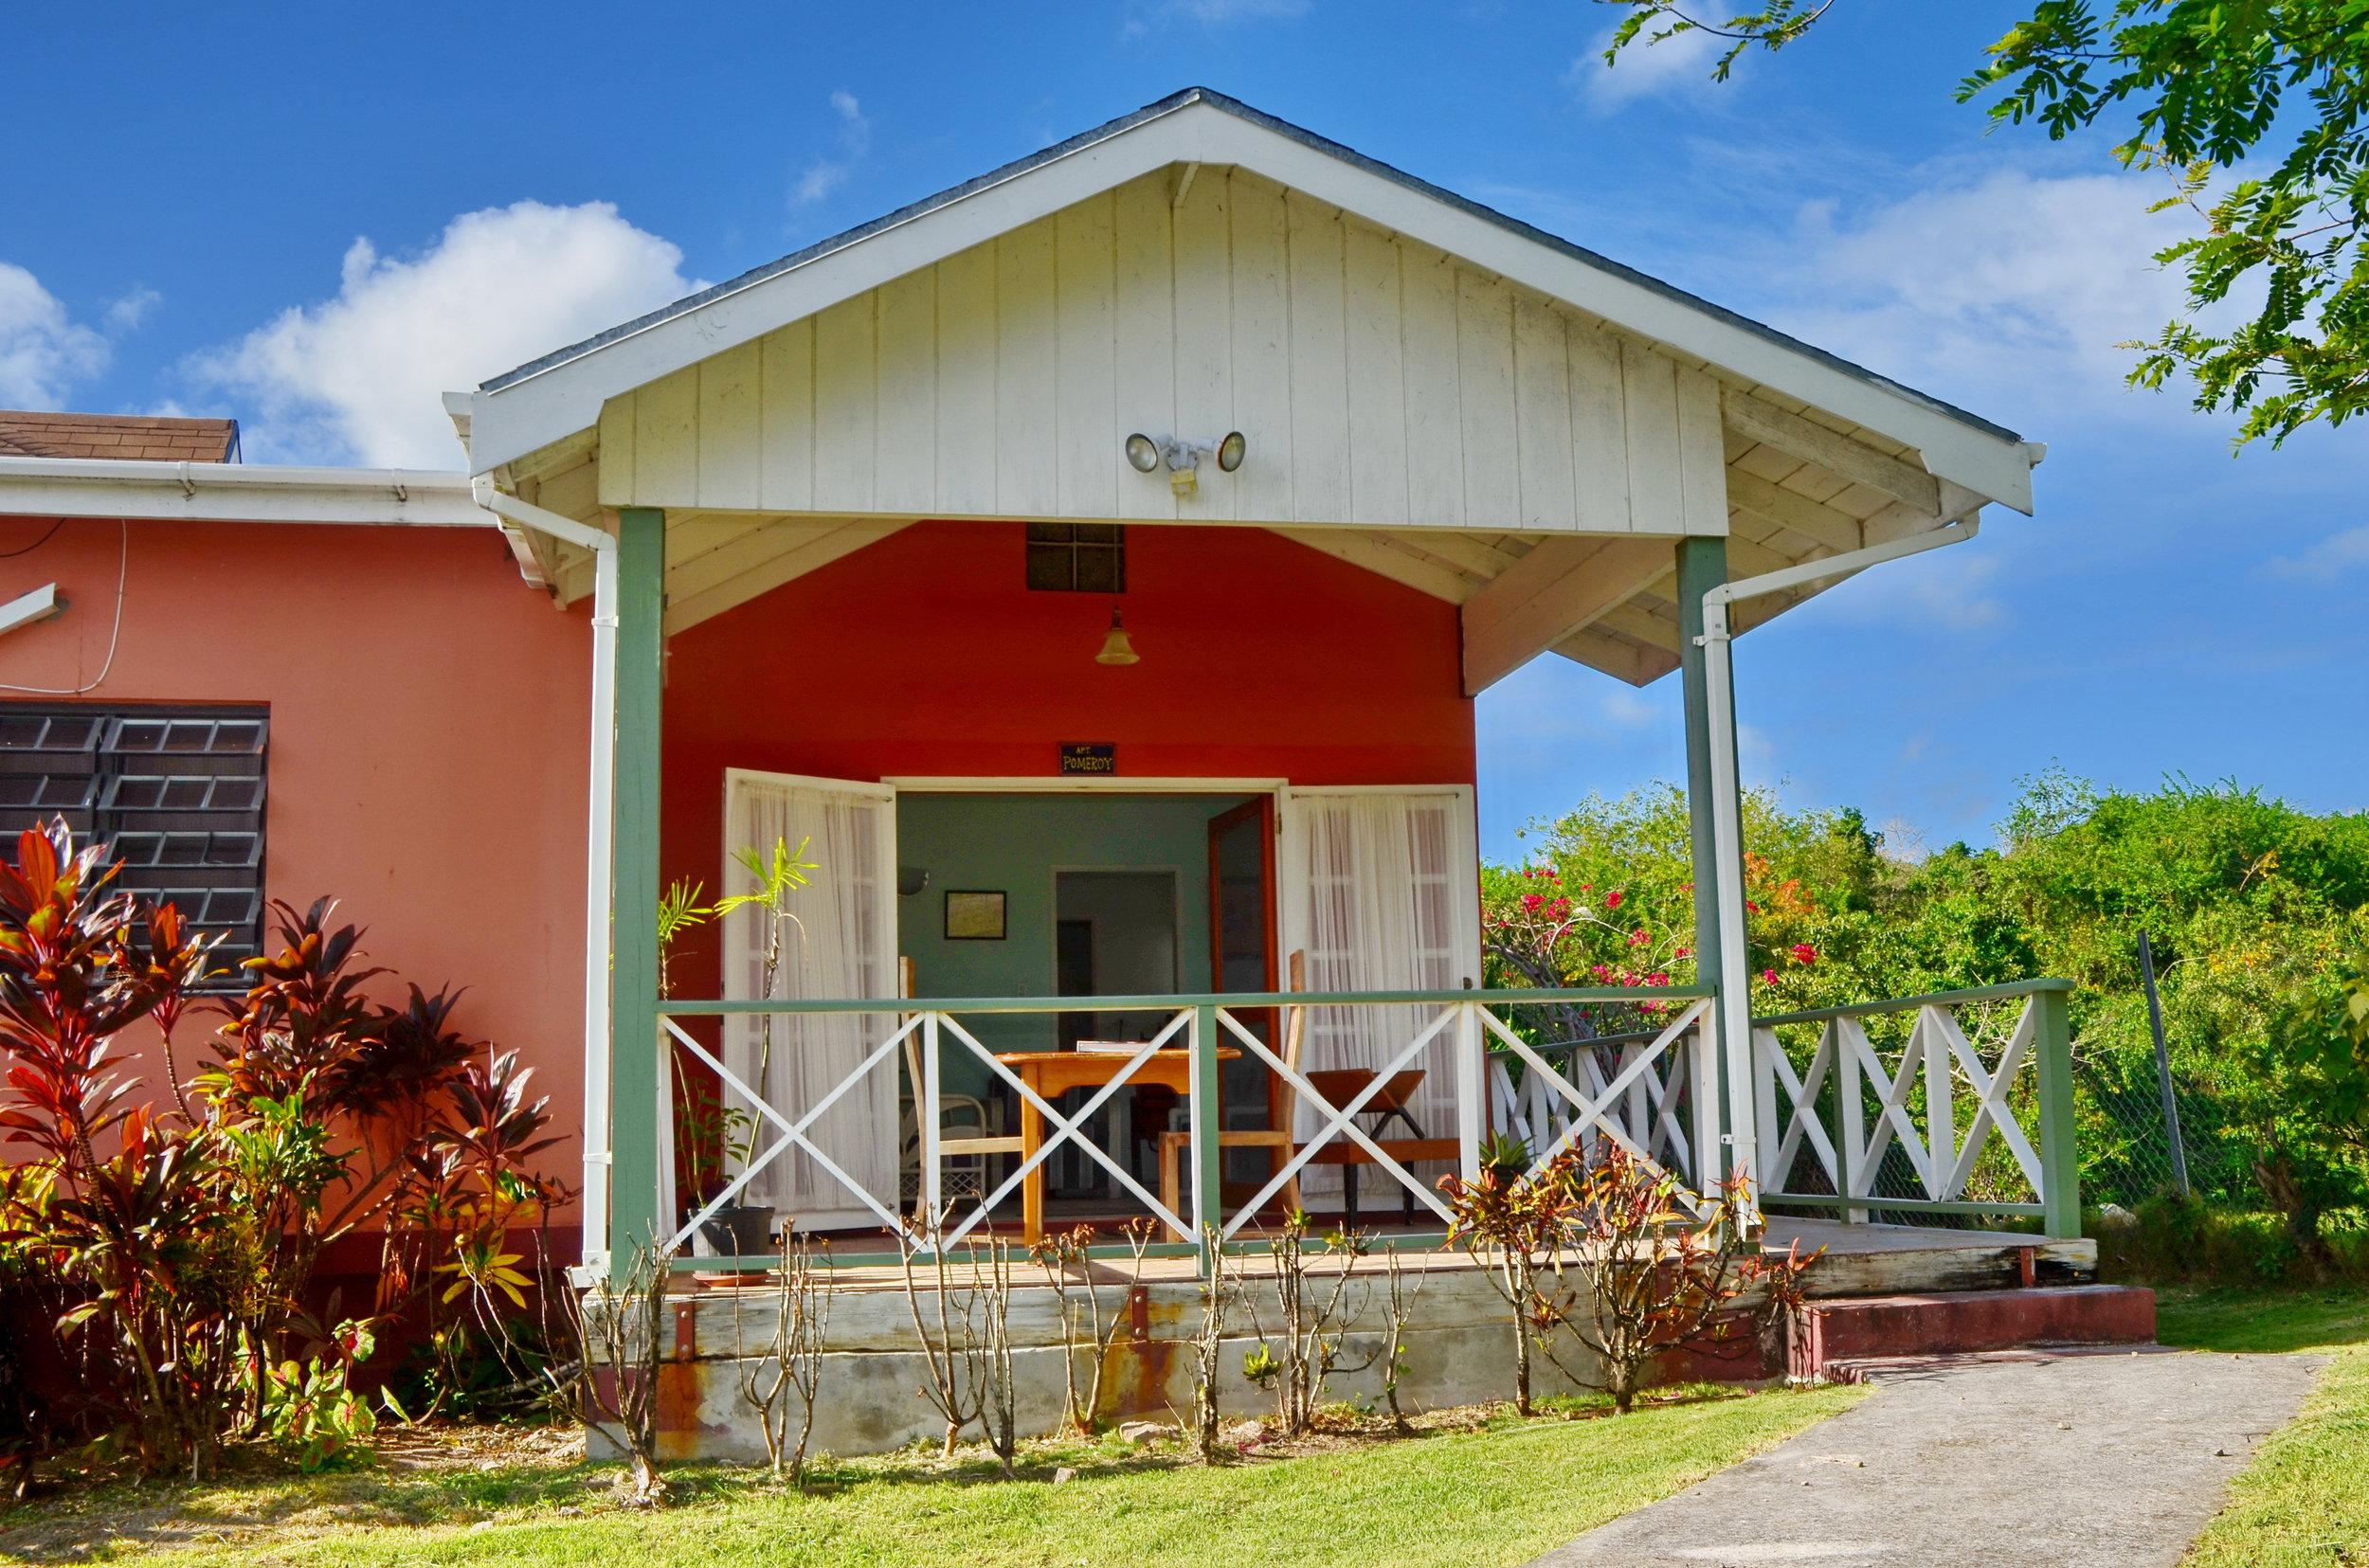 pomeroy verandah.JPG